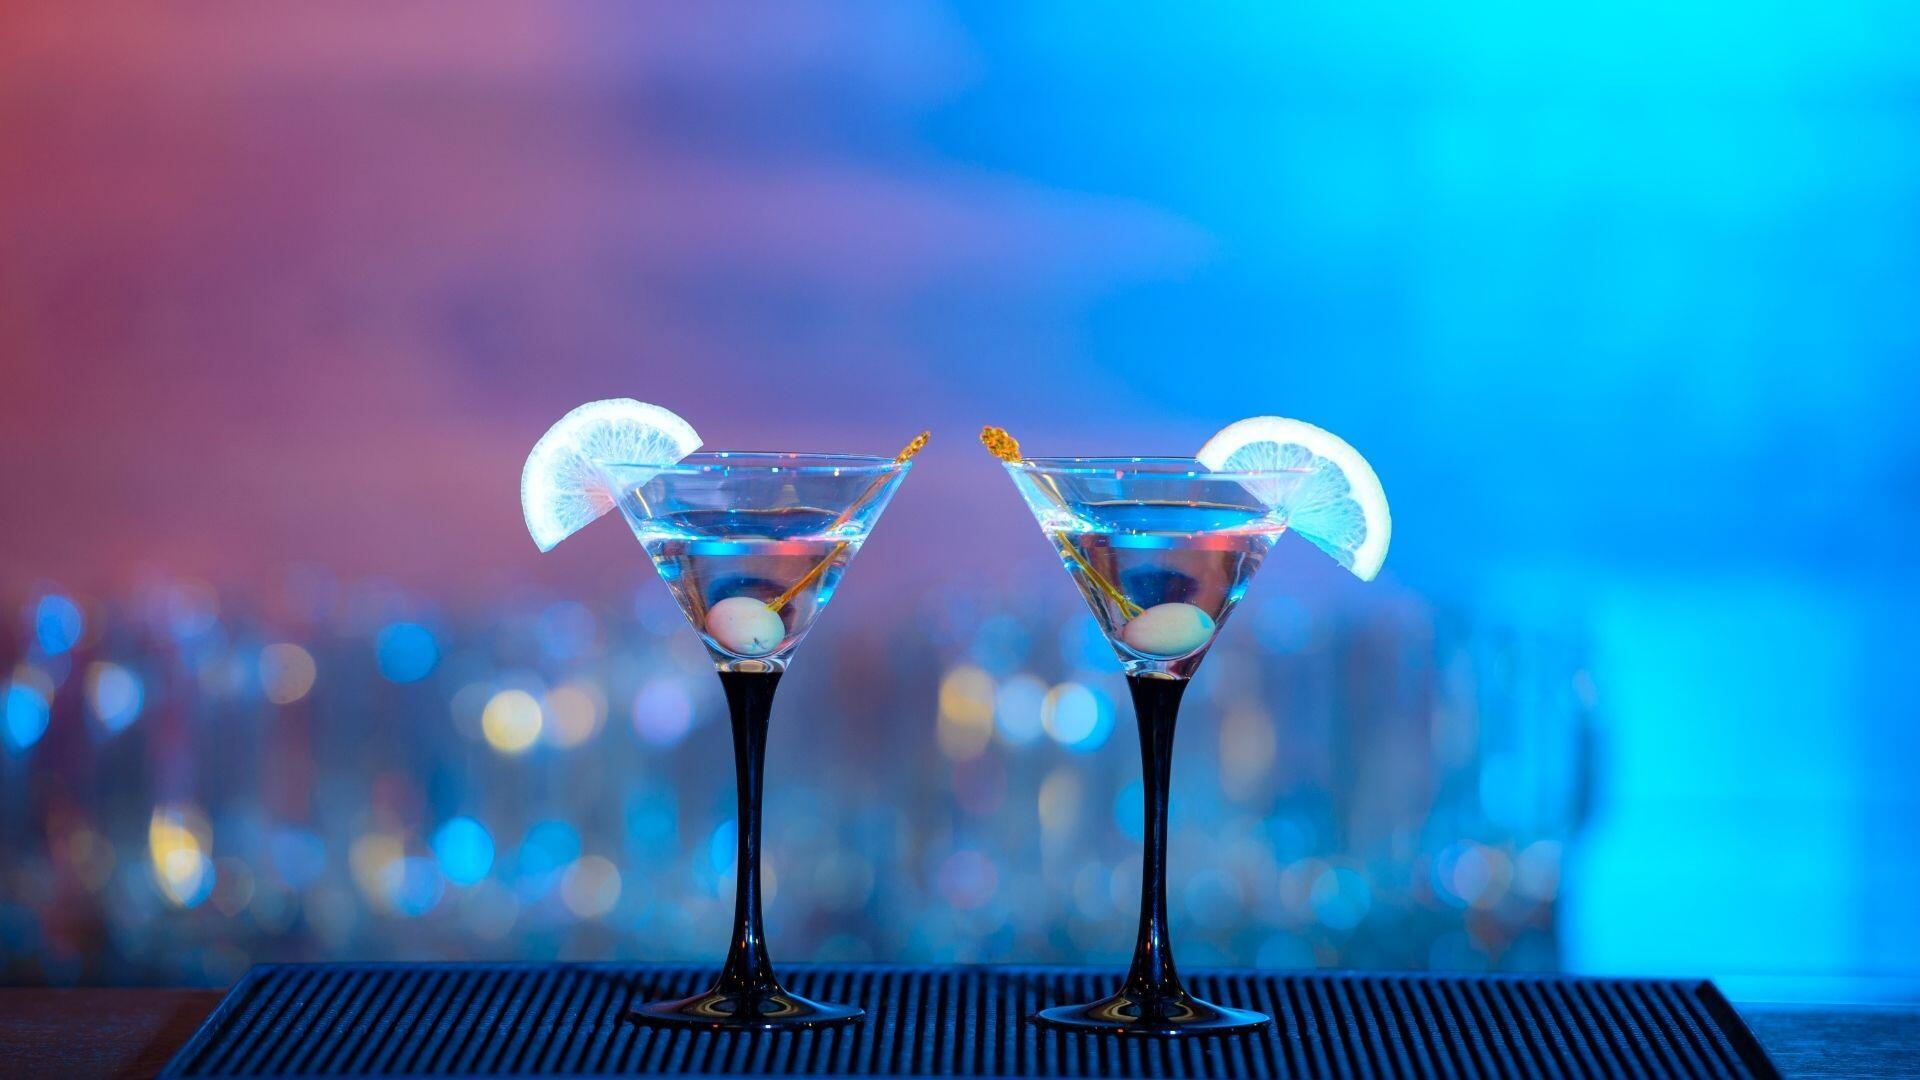 teraz mozemy poznac poziom alkoholu we krwi przy pomocy uszu